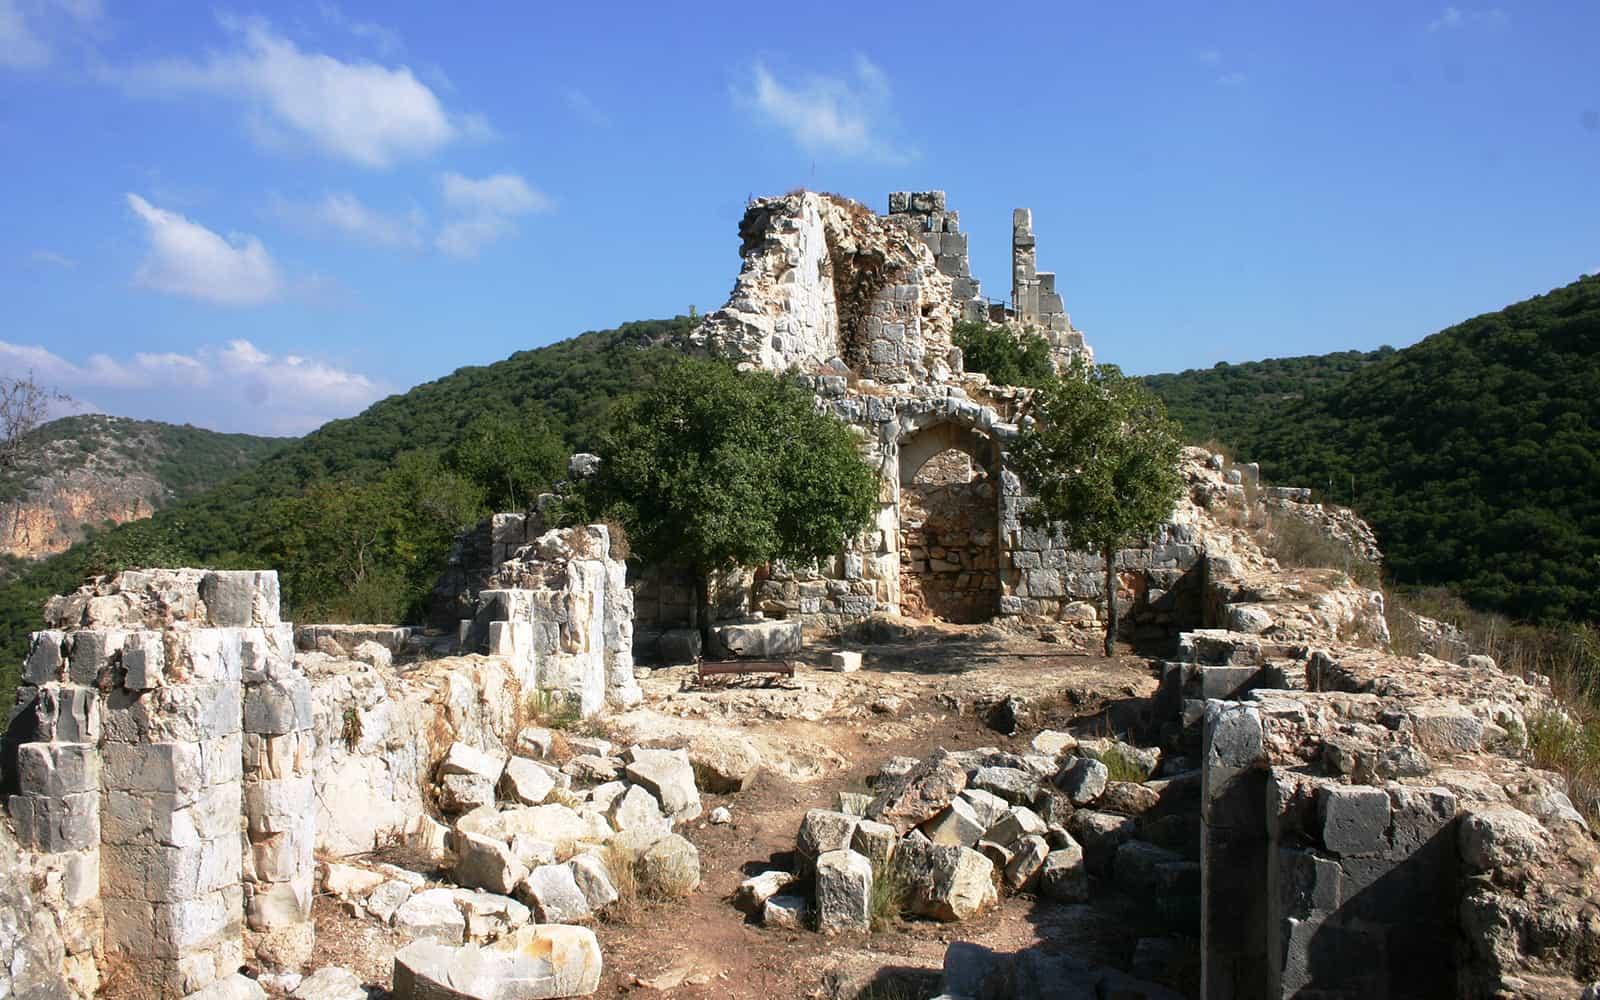 מונפורט אוכלס על ידי המסדר הטבטוני של האבירים במשך יותר מ-50 שנים במאה ה-13 (צילום: שמואל בר-עם)